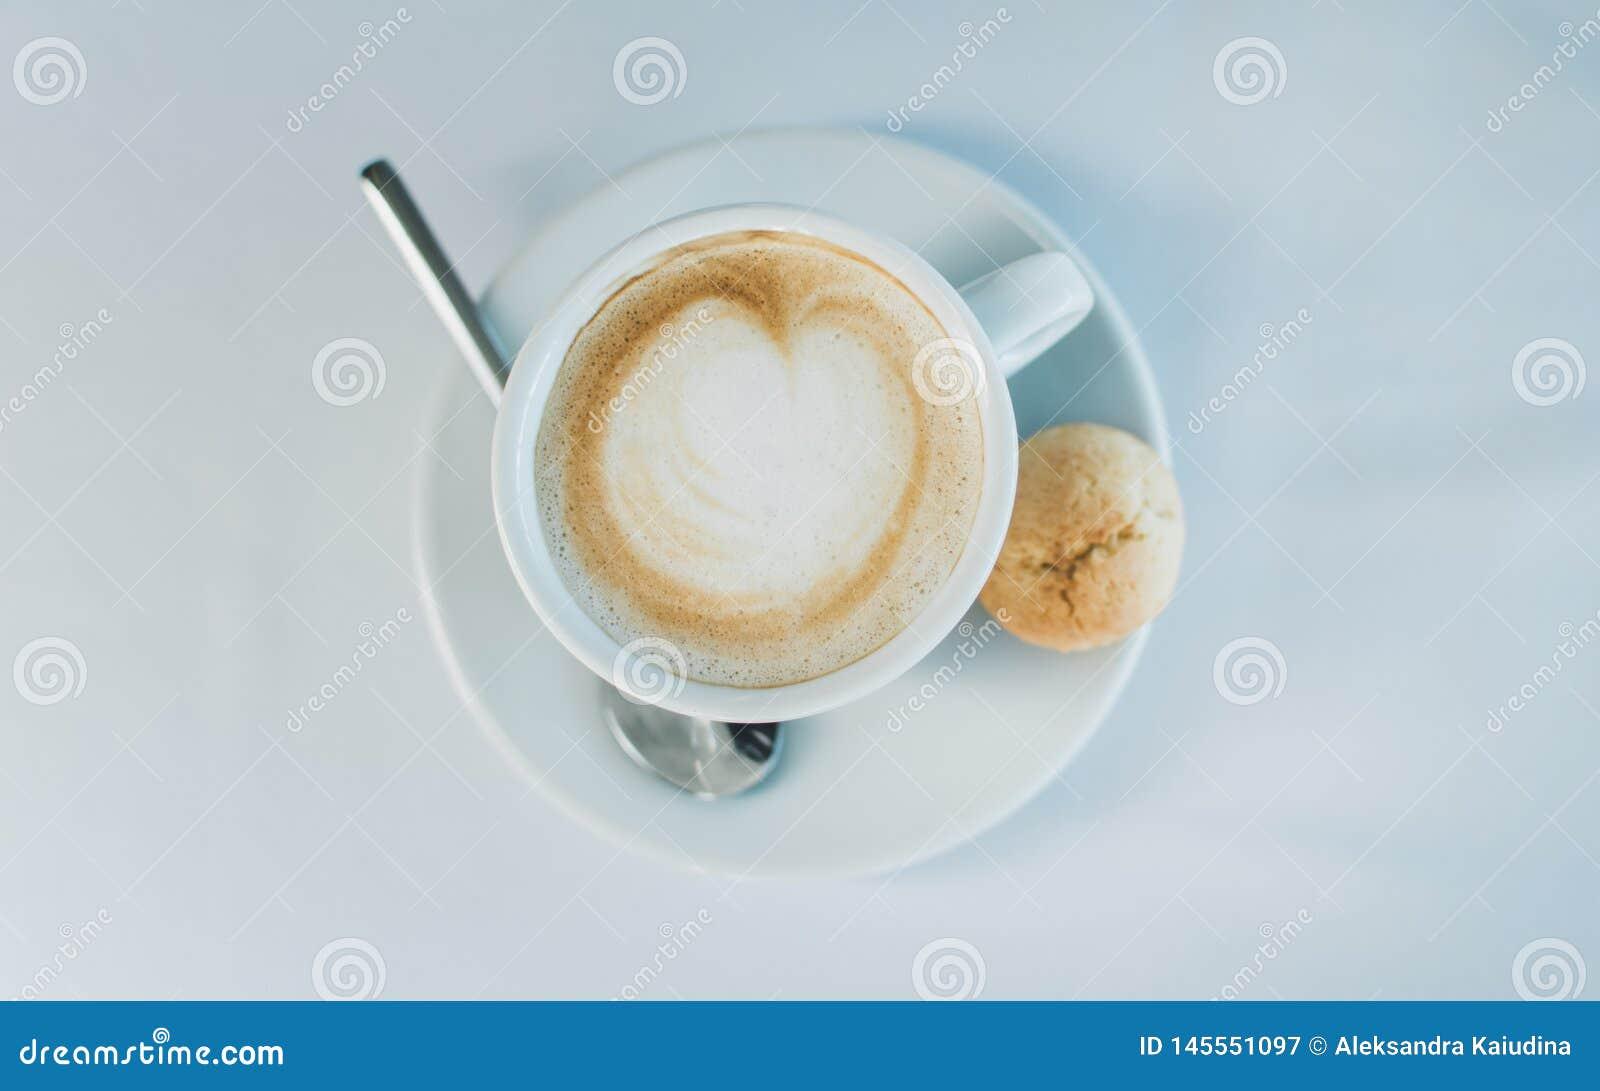 Ch?vena de caf? em uma superf?cie branca